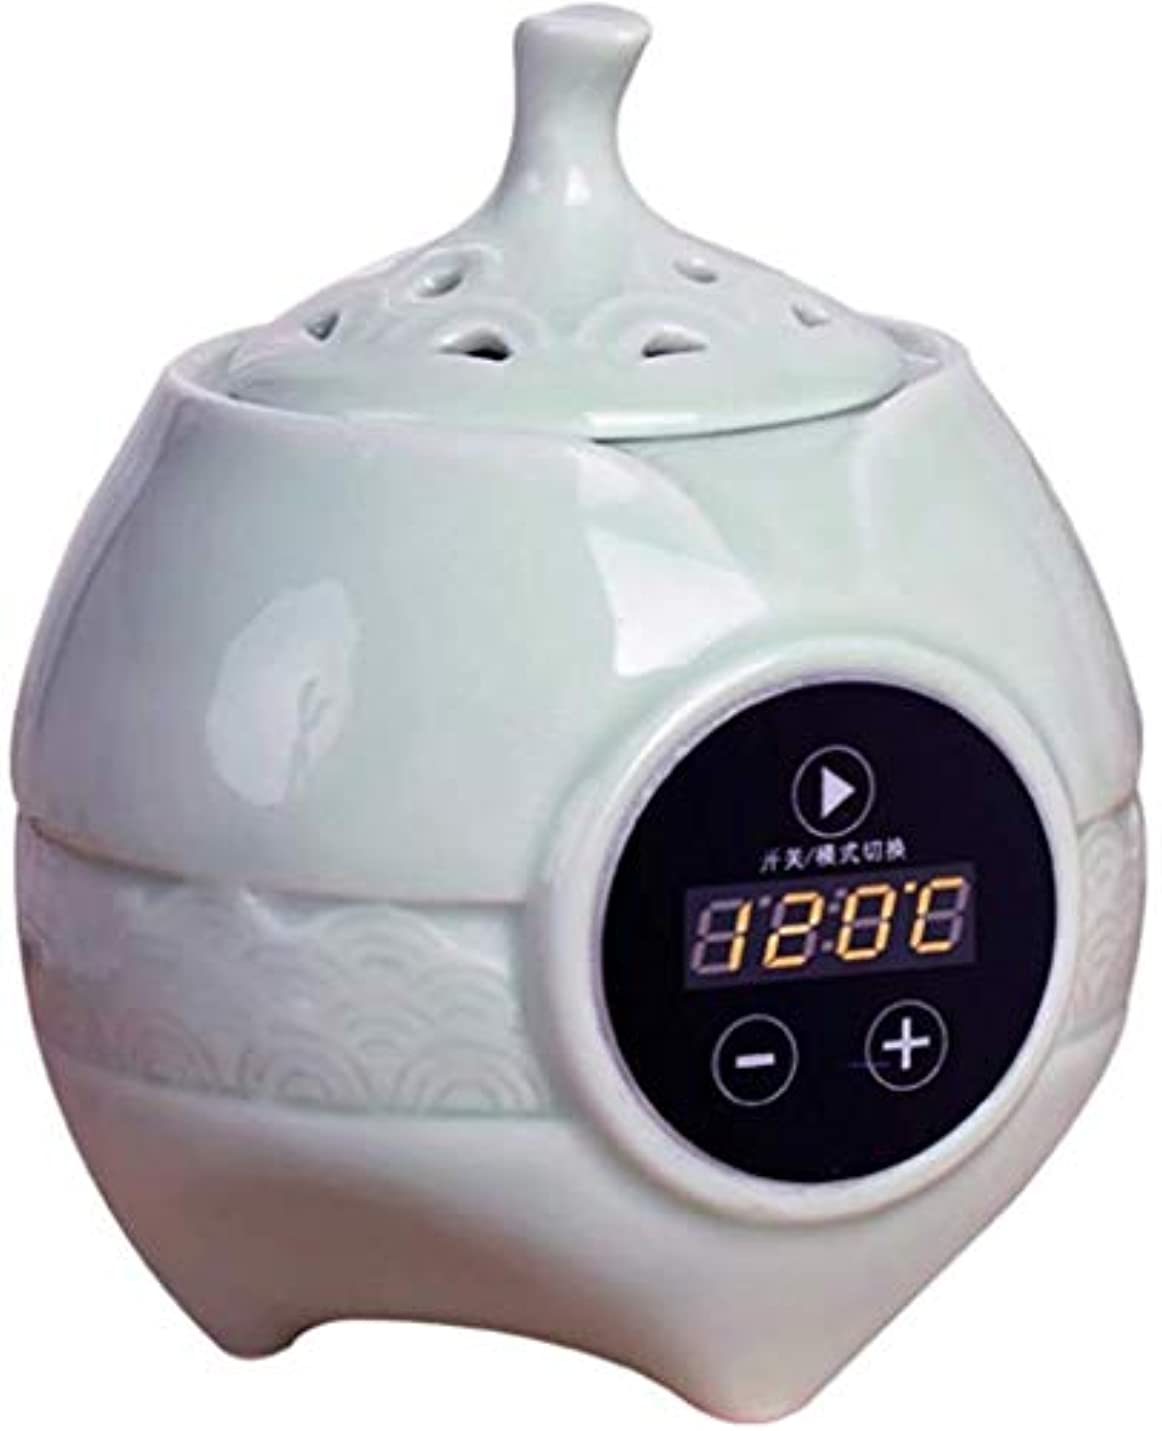 玉ねぎ呼び出す曲がったMYTDBD LCDの温度制御電子セラミックアロマ炉と香炉 (Color : White)